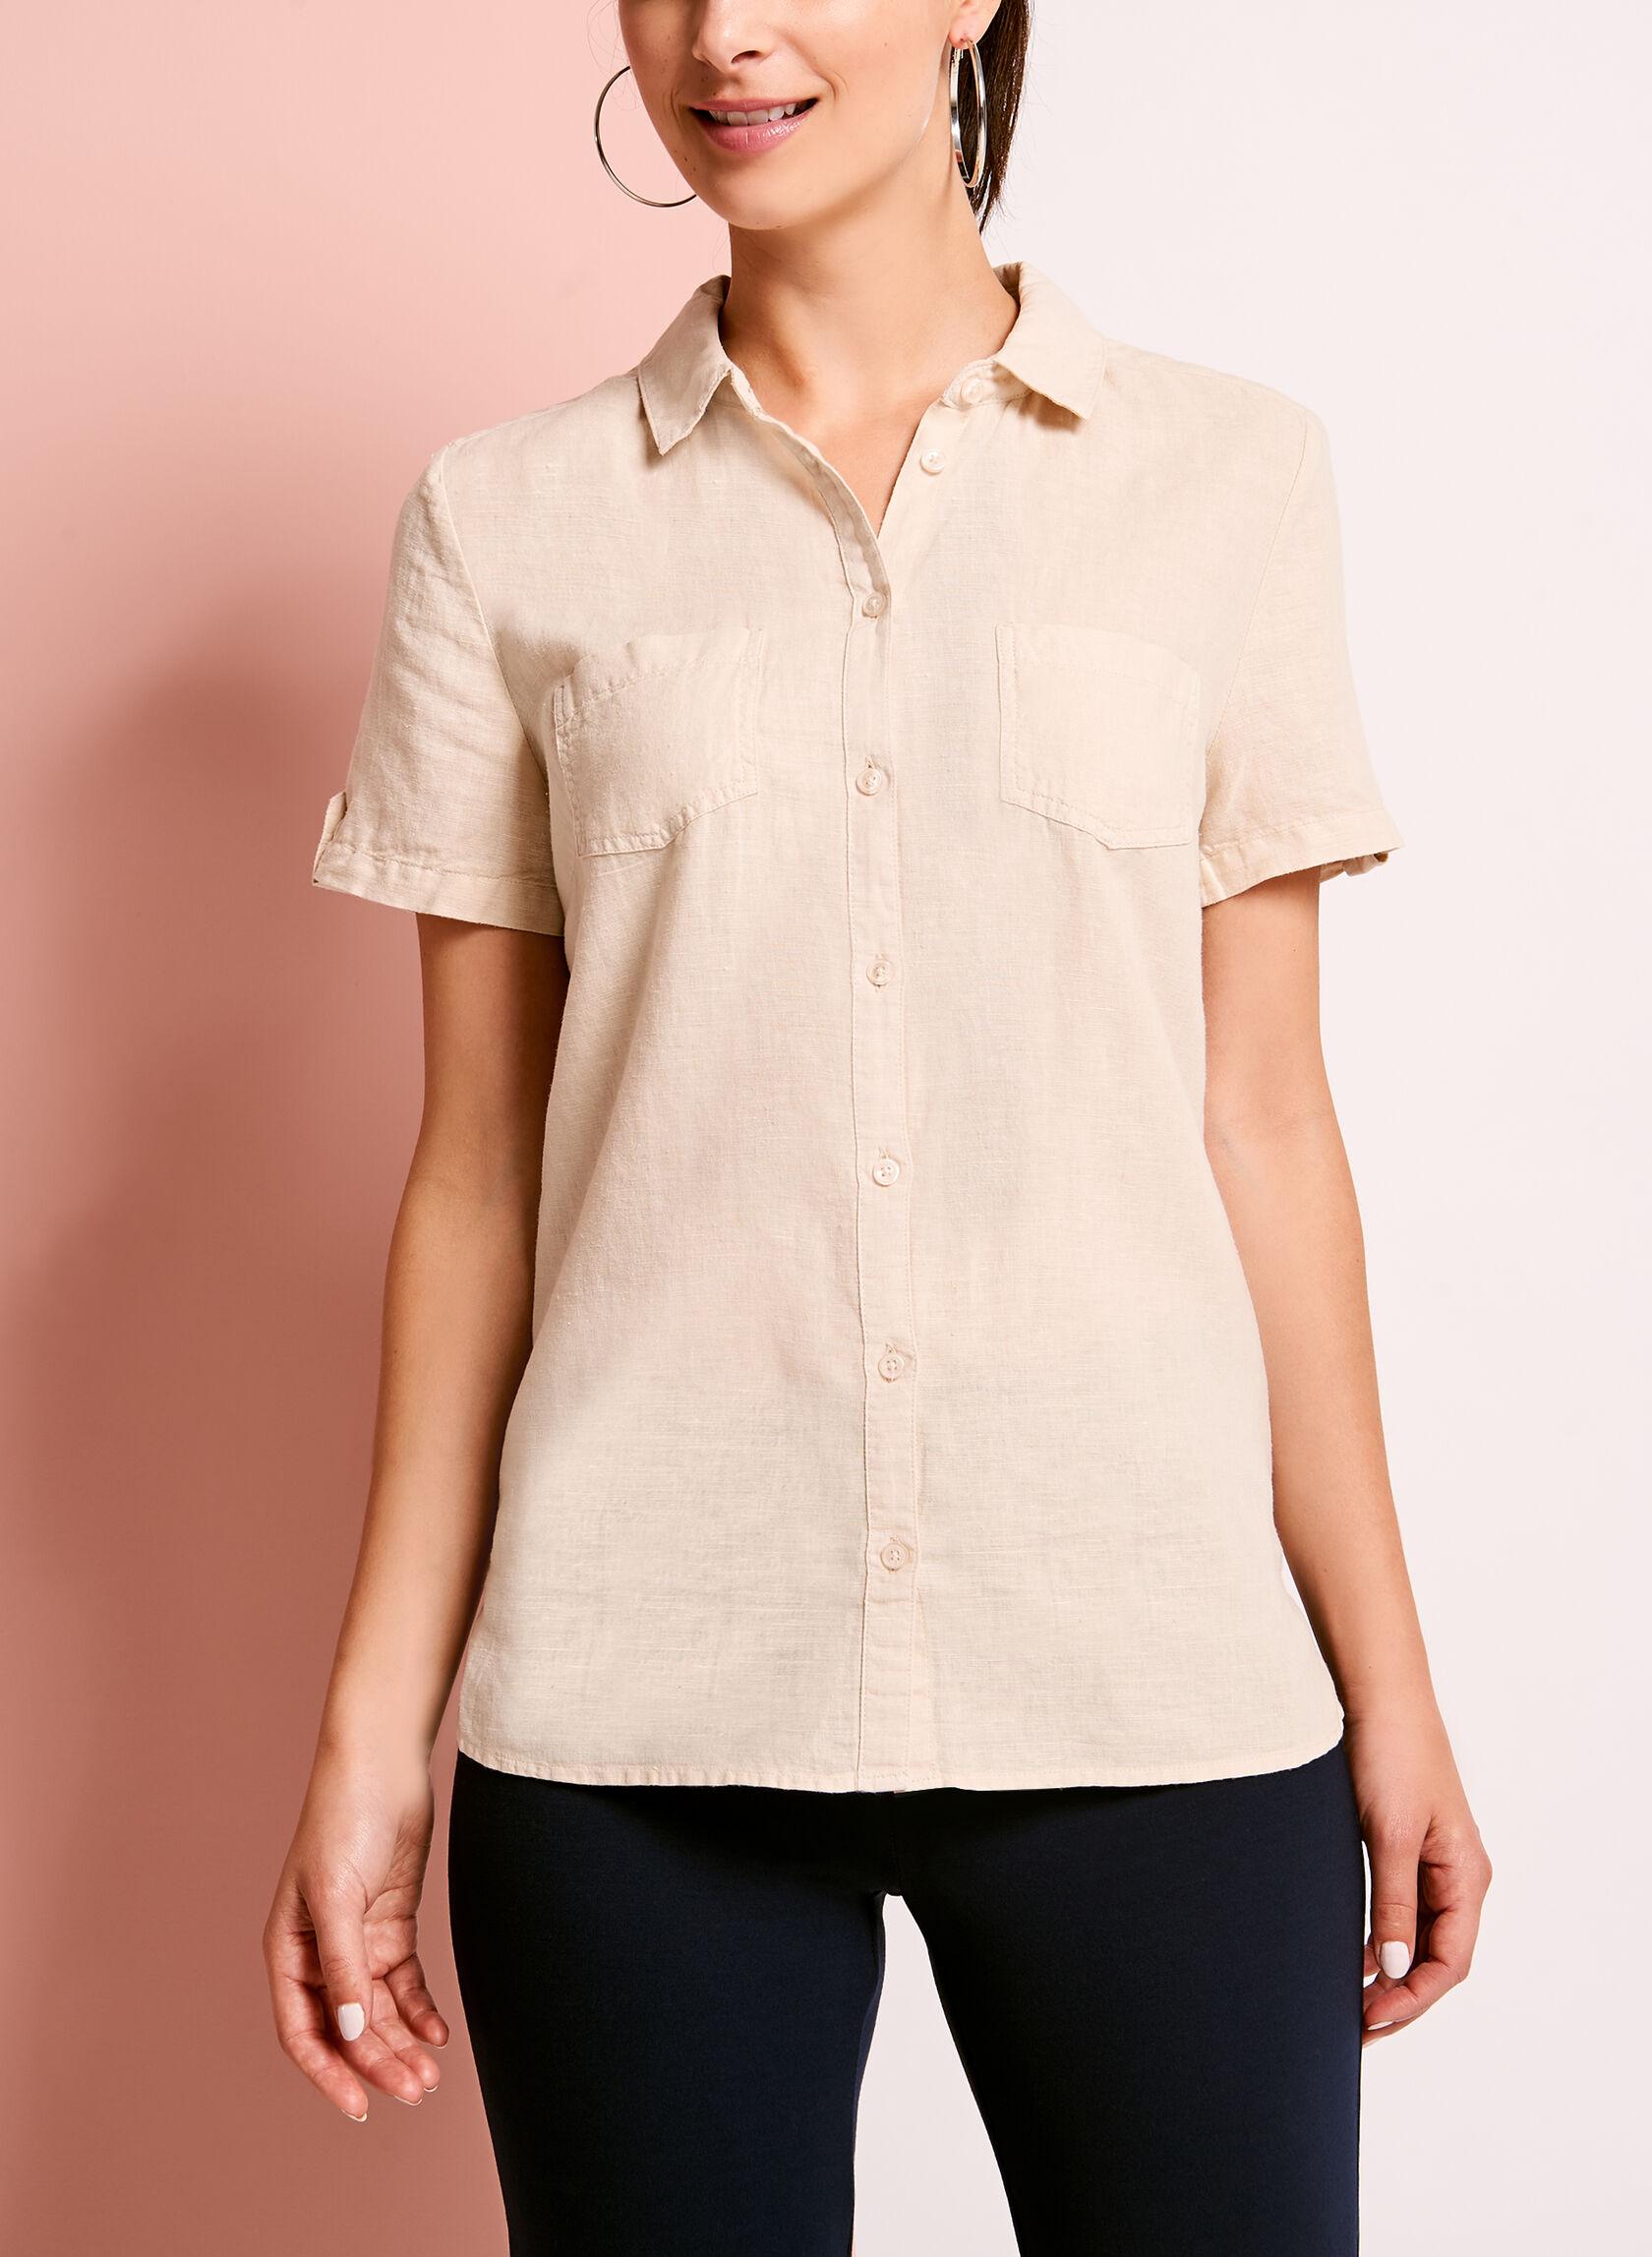 Short sleeve linen button down shirt laura for Best short sleeve button down shirts reddit